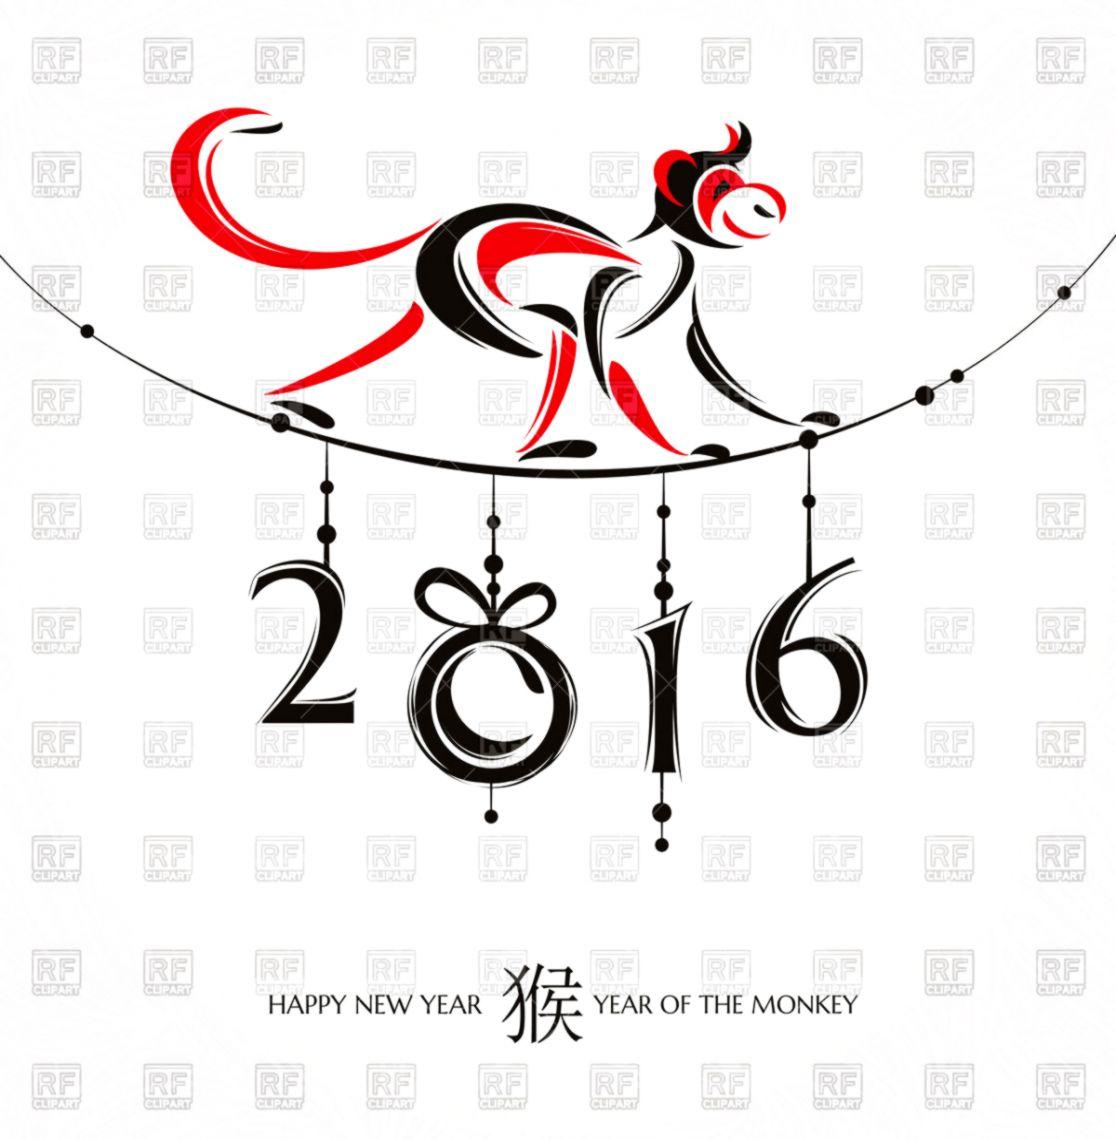 Happy New Year 2015 Clip Art.